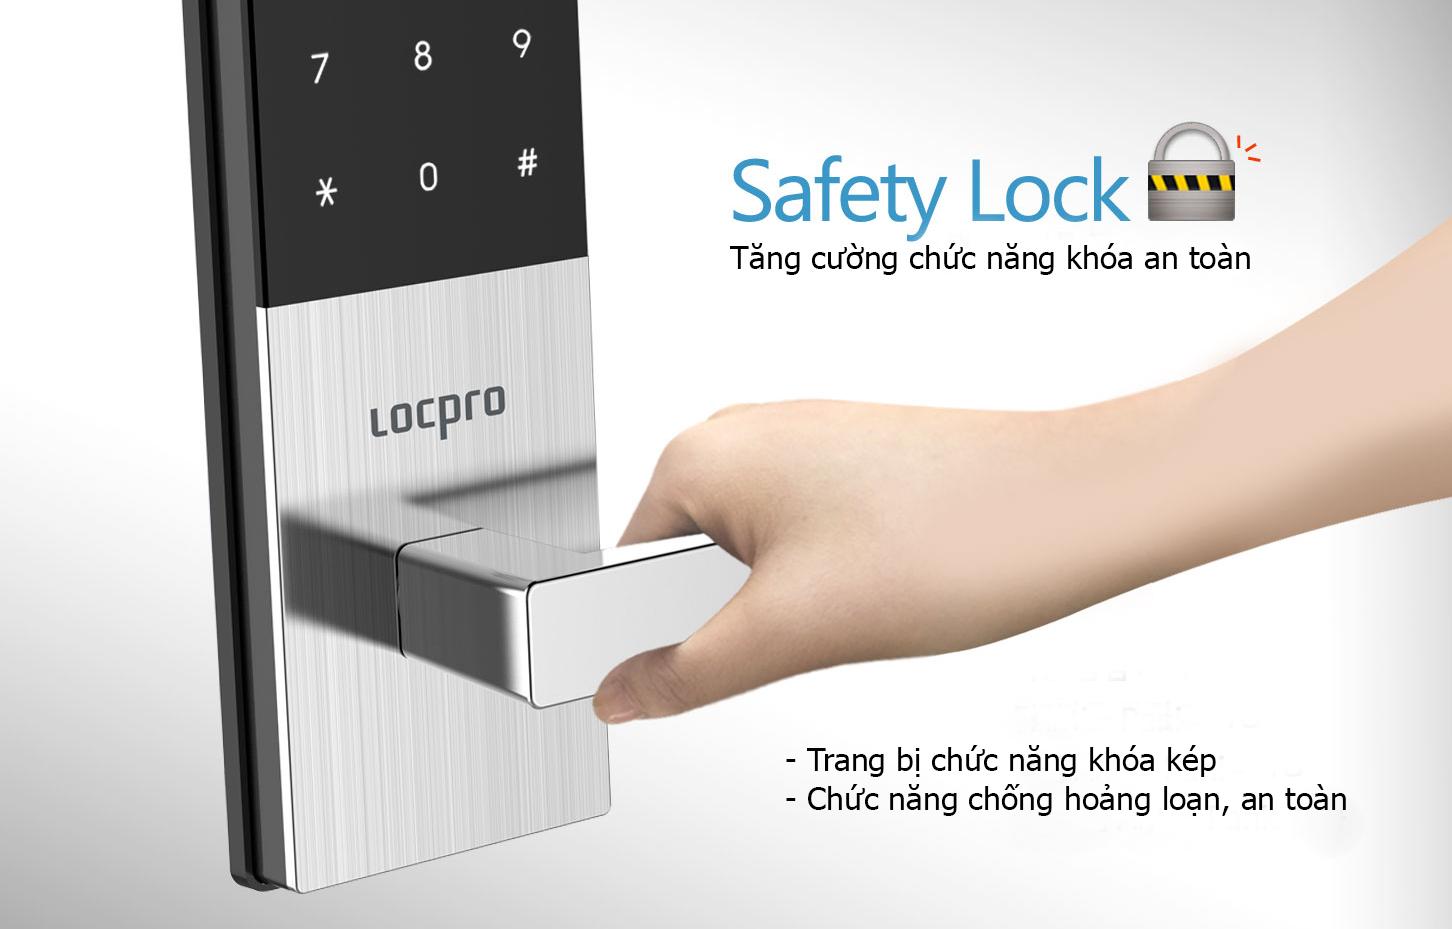 Dòng khóa cửa nhập khẩu tại Hàn QUốc được tin dùng - Locpro Việt nam